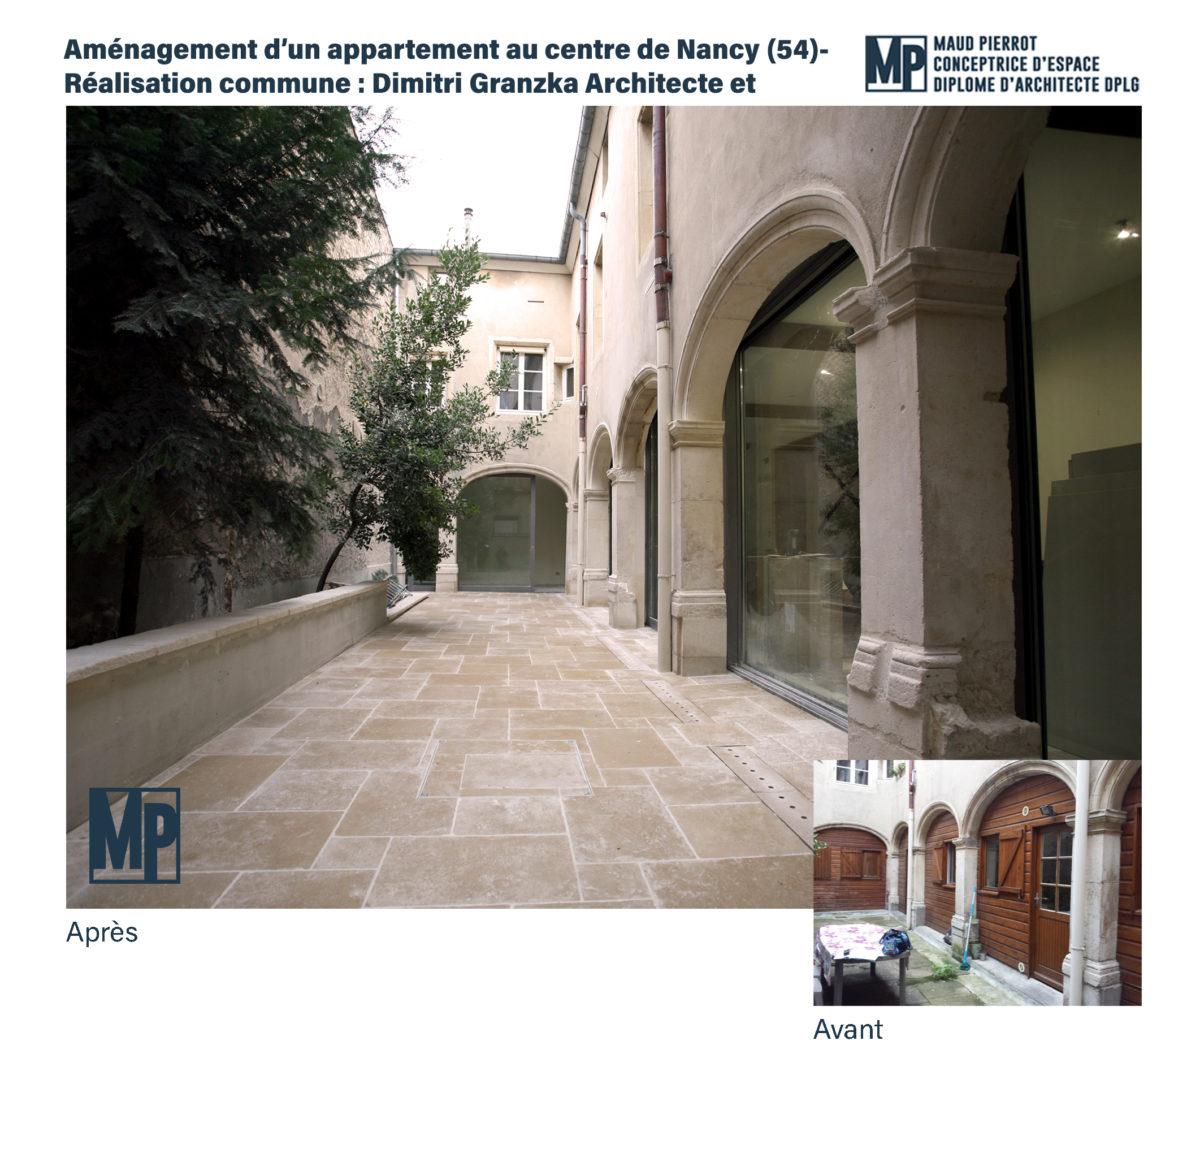 Architecture d'intérieur réhabilitation cloitre nancy